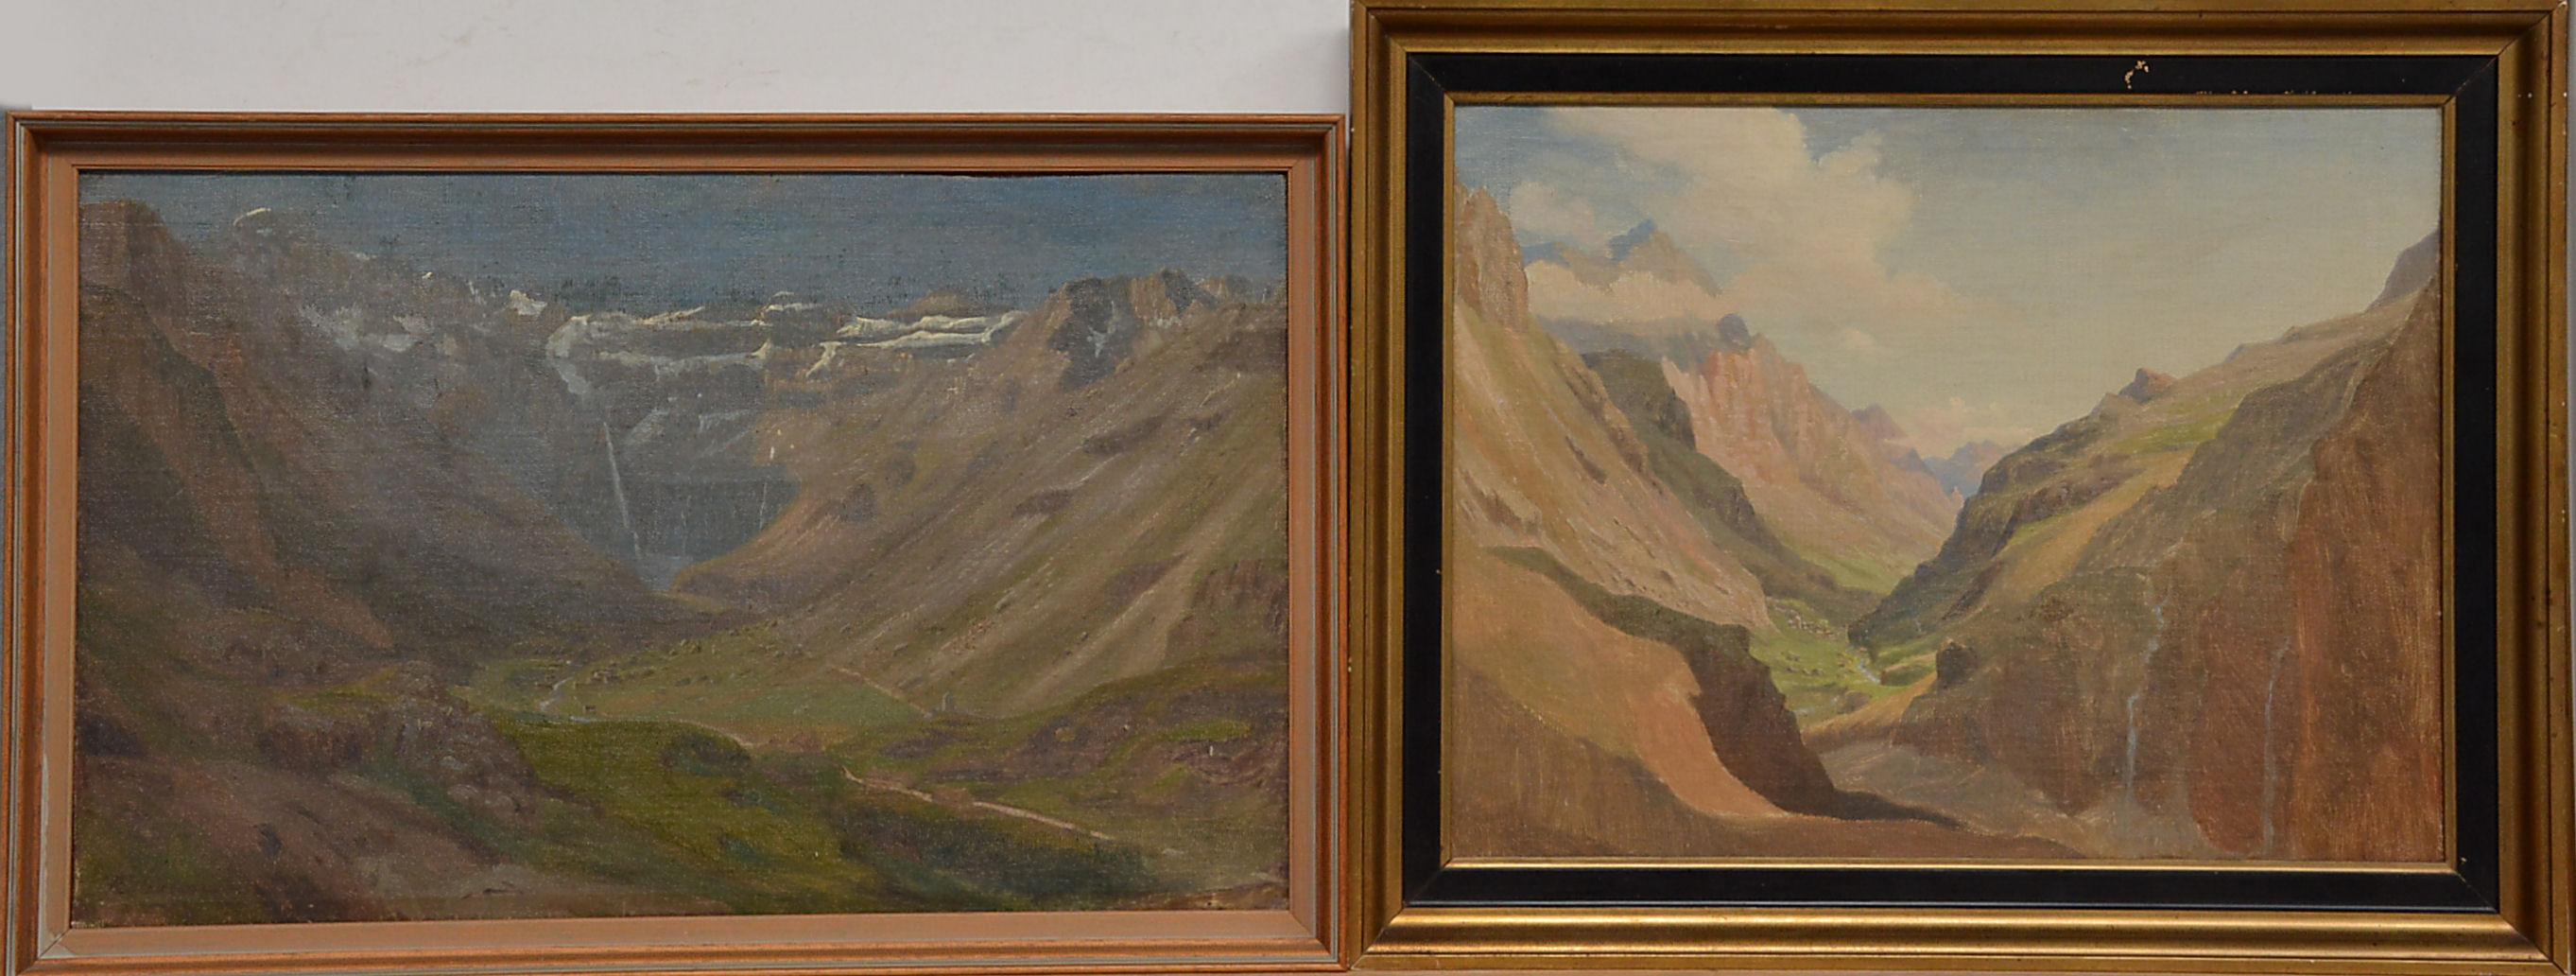 Eiler Rasmussen Eilersen. Partier fra Pyrenæerne. To olie på lærred - Parti fra Pyrenæerne med bjerge og huse, af Eiler Rasmussen Eilersen (1827-1912). To olie på lærred. Det ene sign. 32 x 42 cm (39 x 49 cm.) og 32 x 49 cm. (34 x 52 cm.)